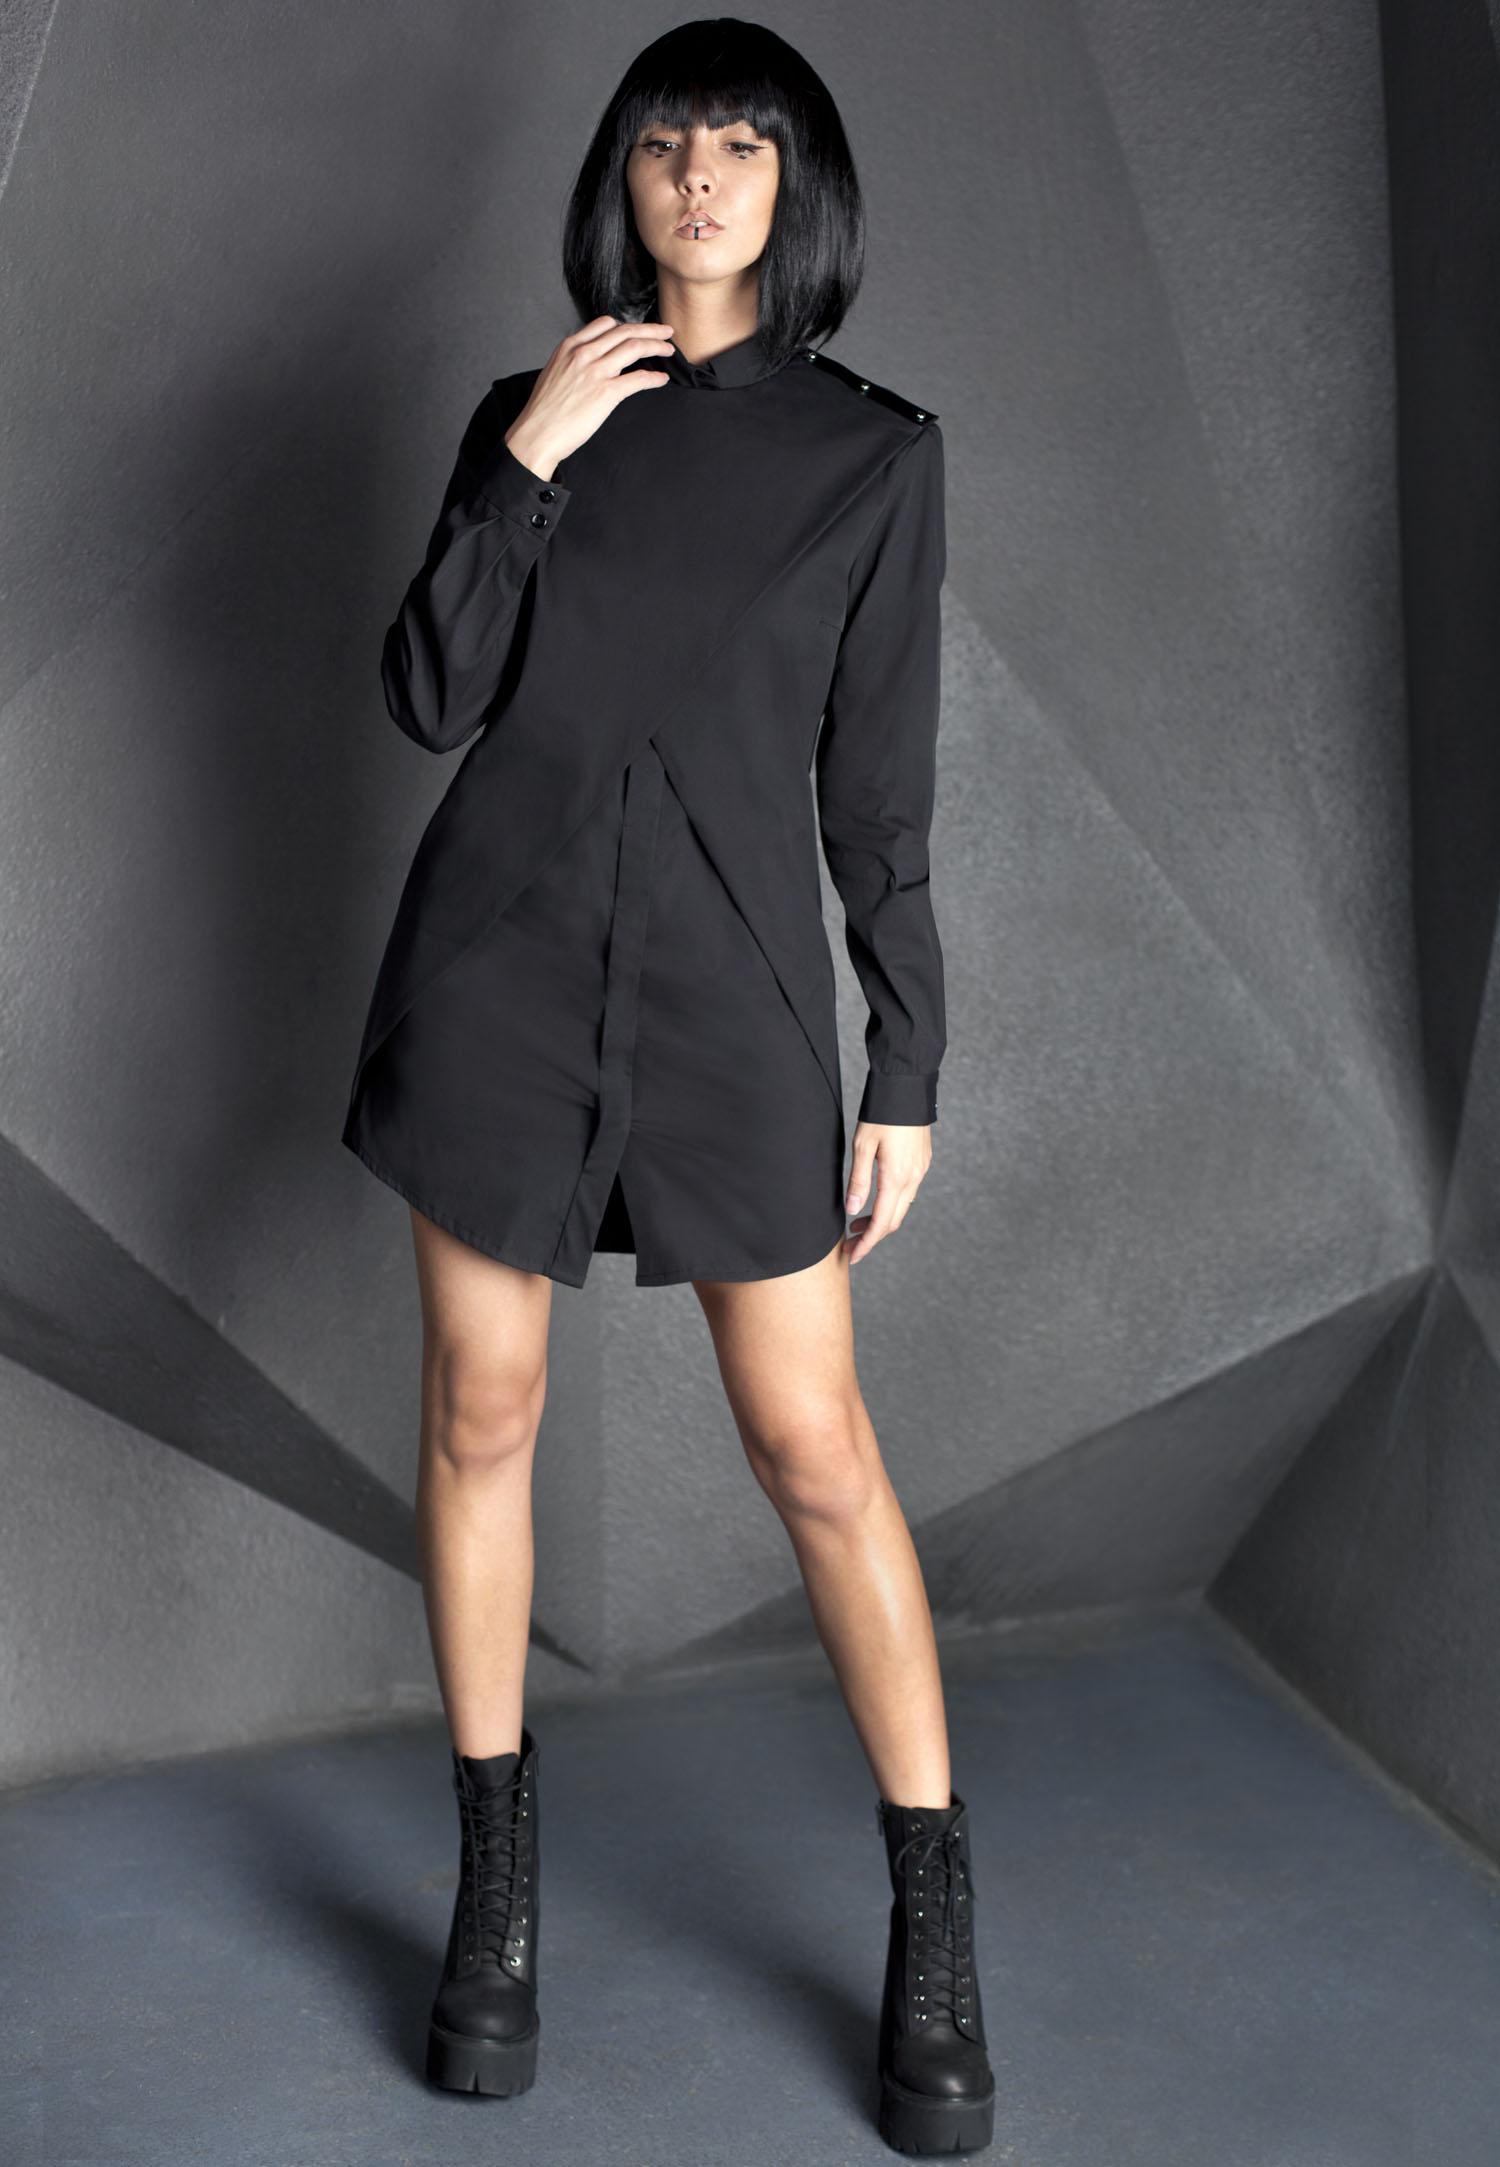 Черная рубашка женская в стиле милитари